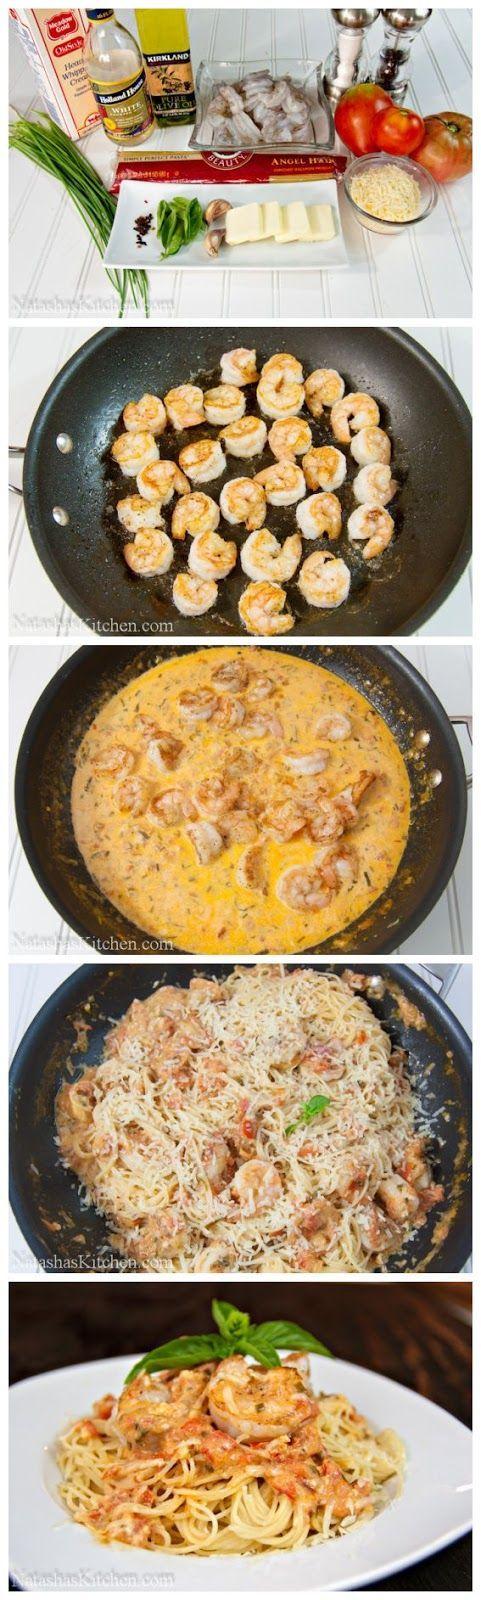 Spaghetti with Shrimp in a Creamy Tomato Sauce..